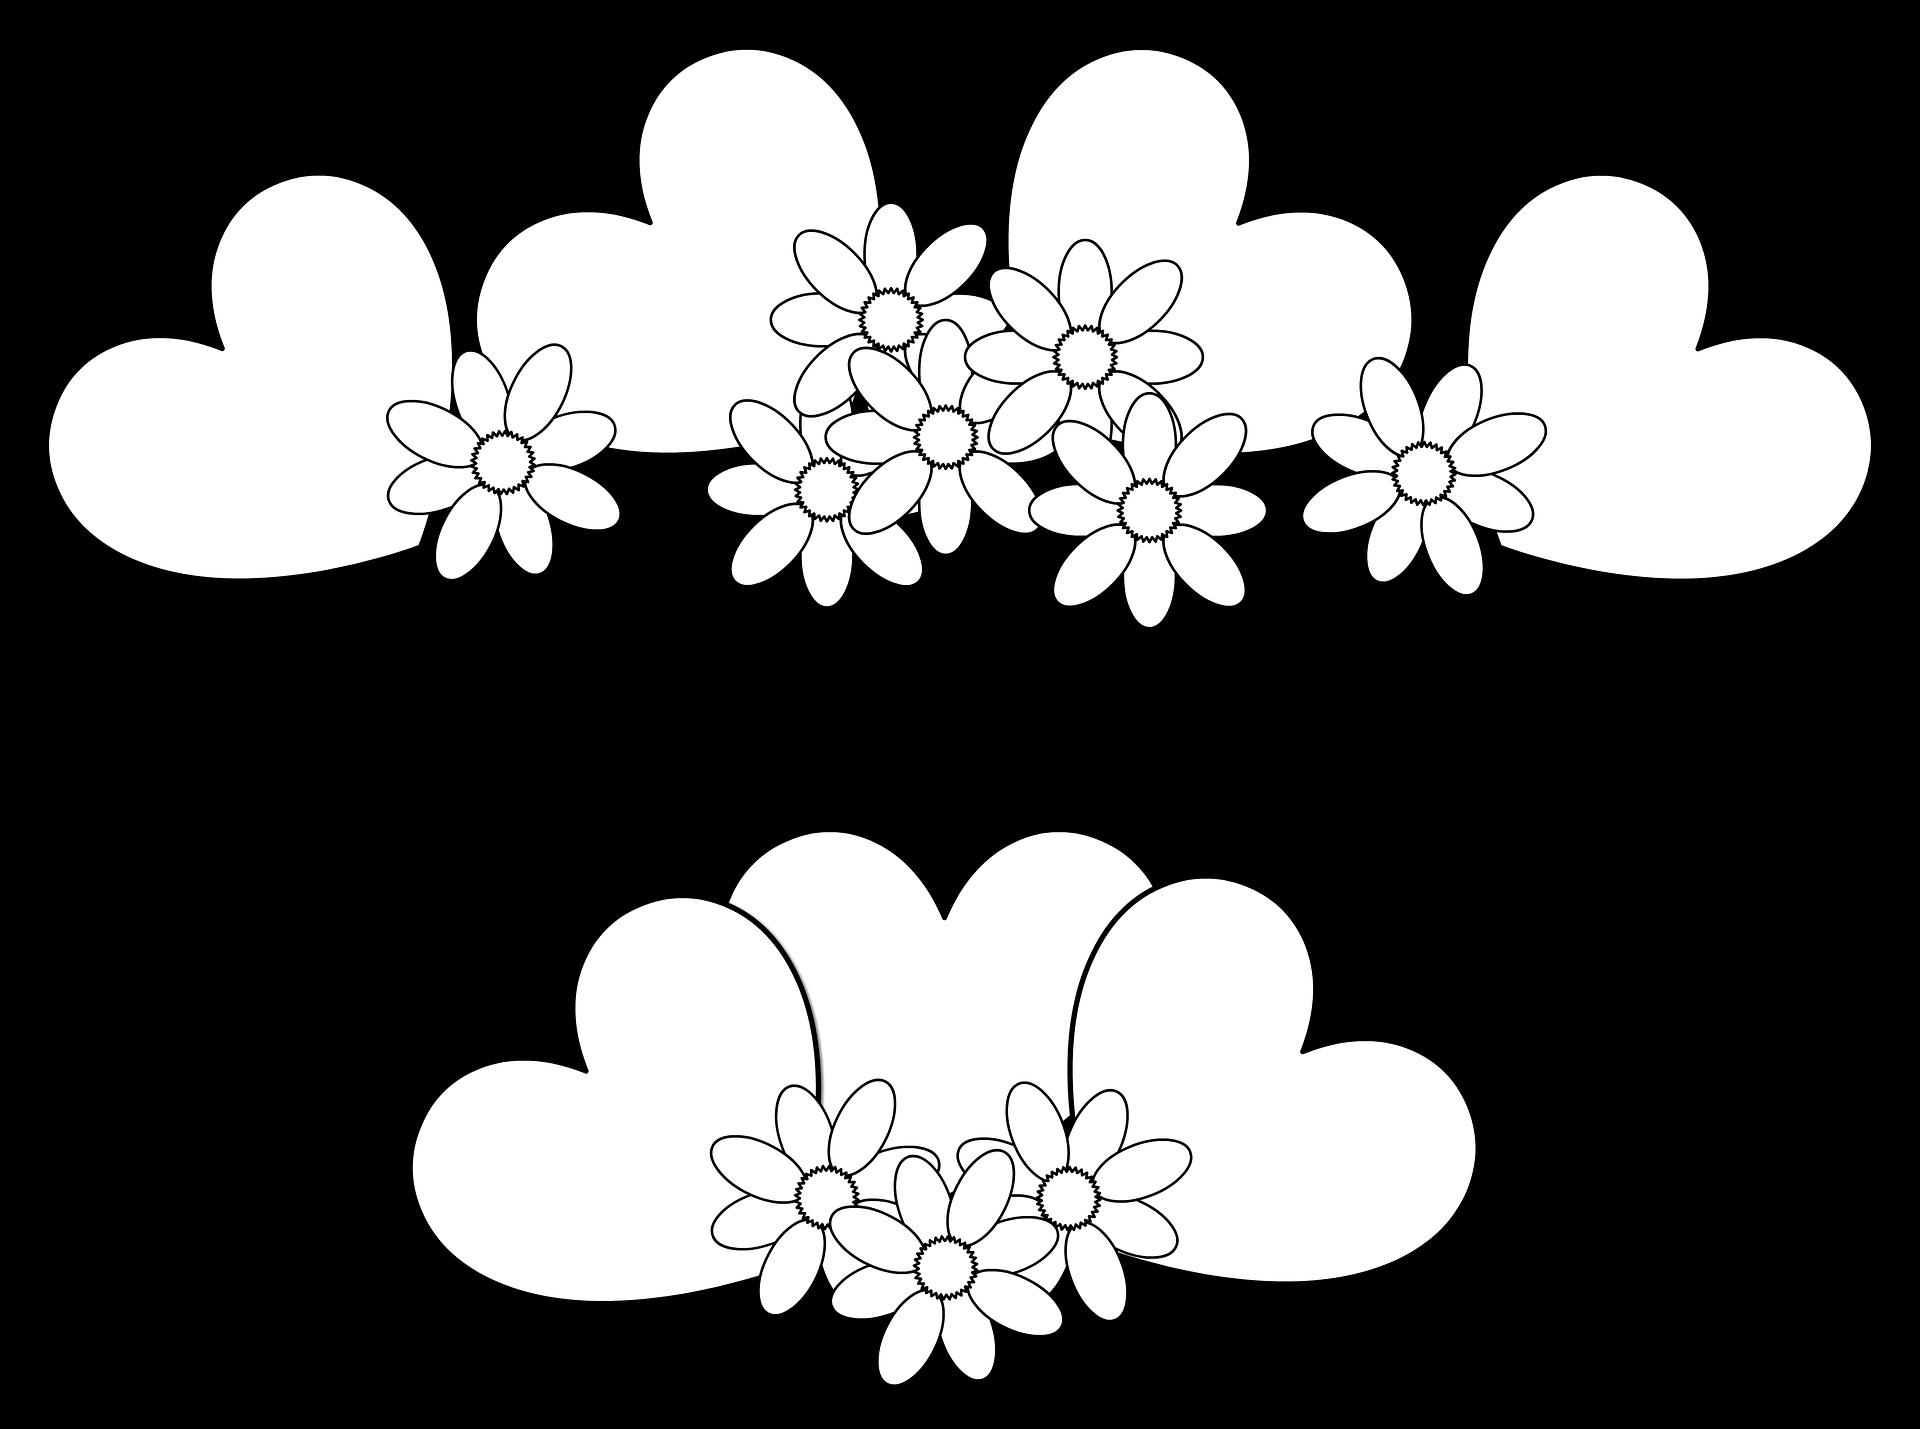 Imagenes de flores para colorear gratis